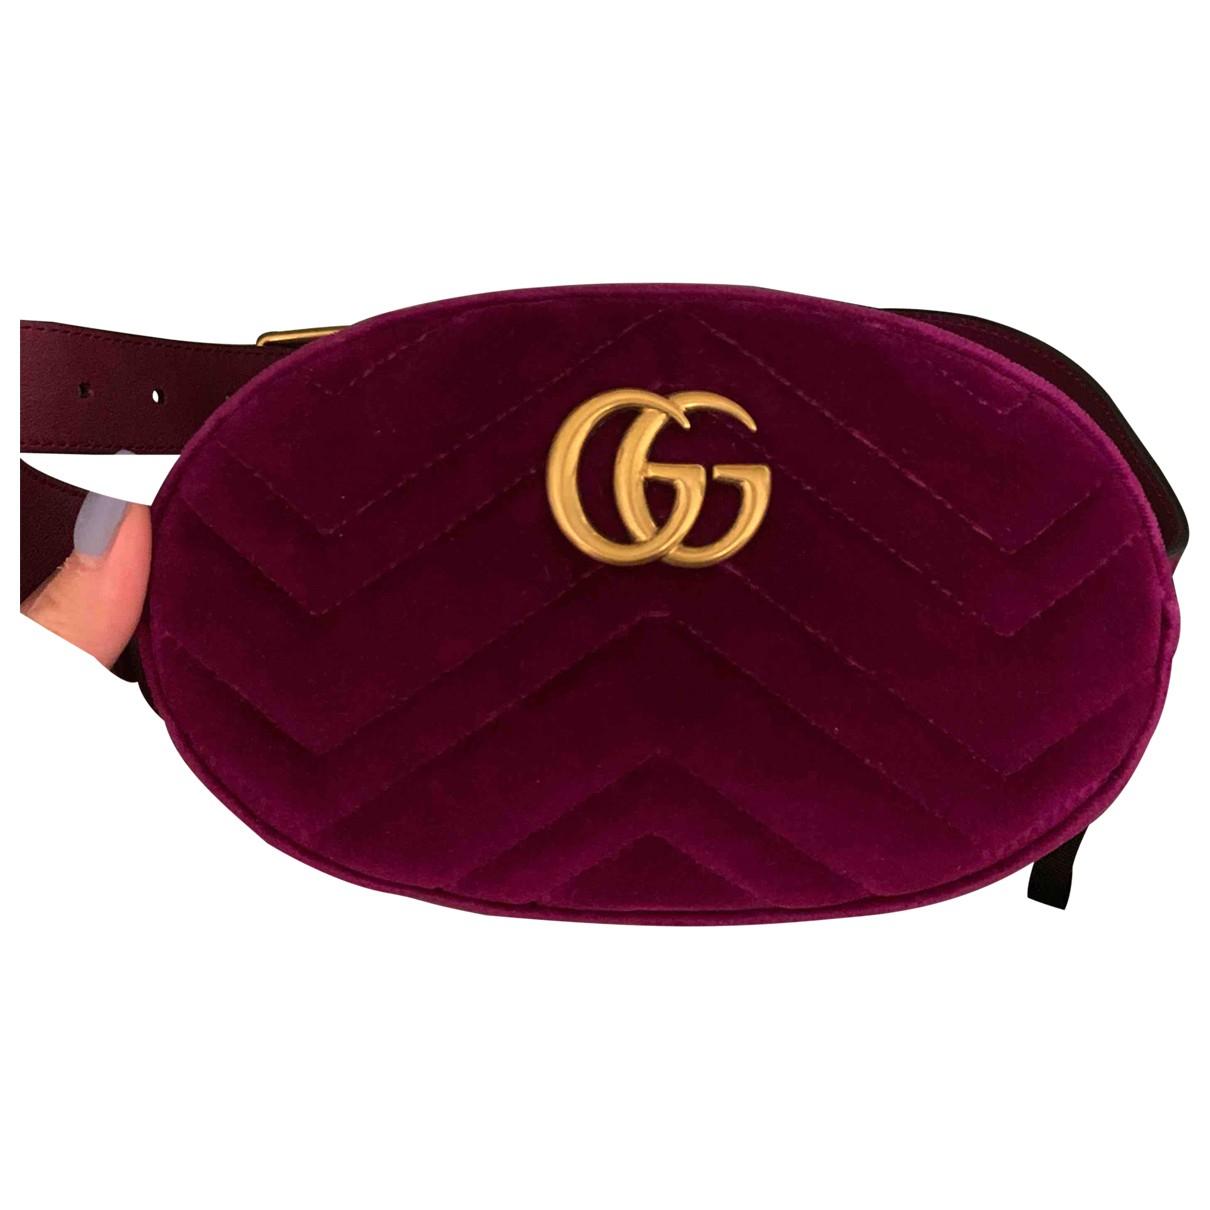 Pochette Marmont de Terciopelo Gucci